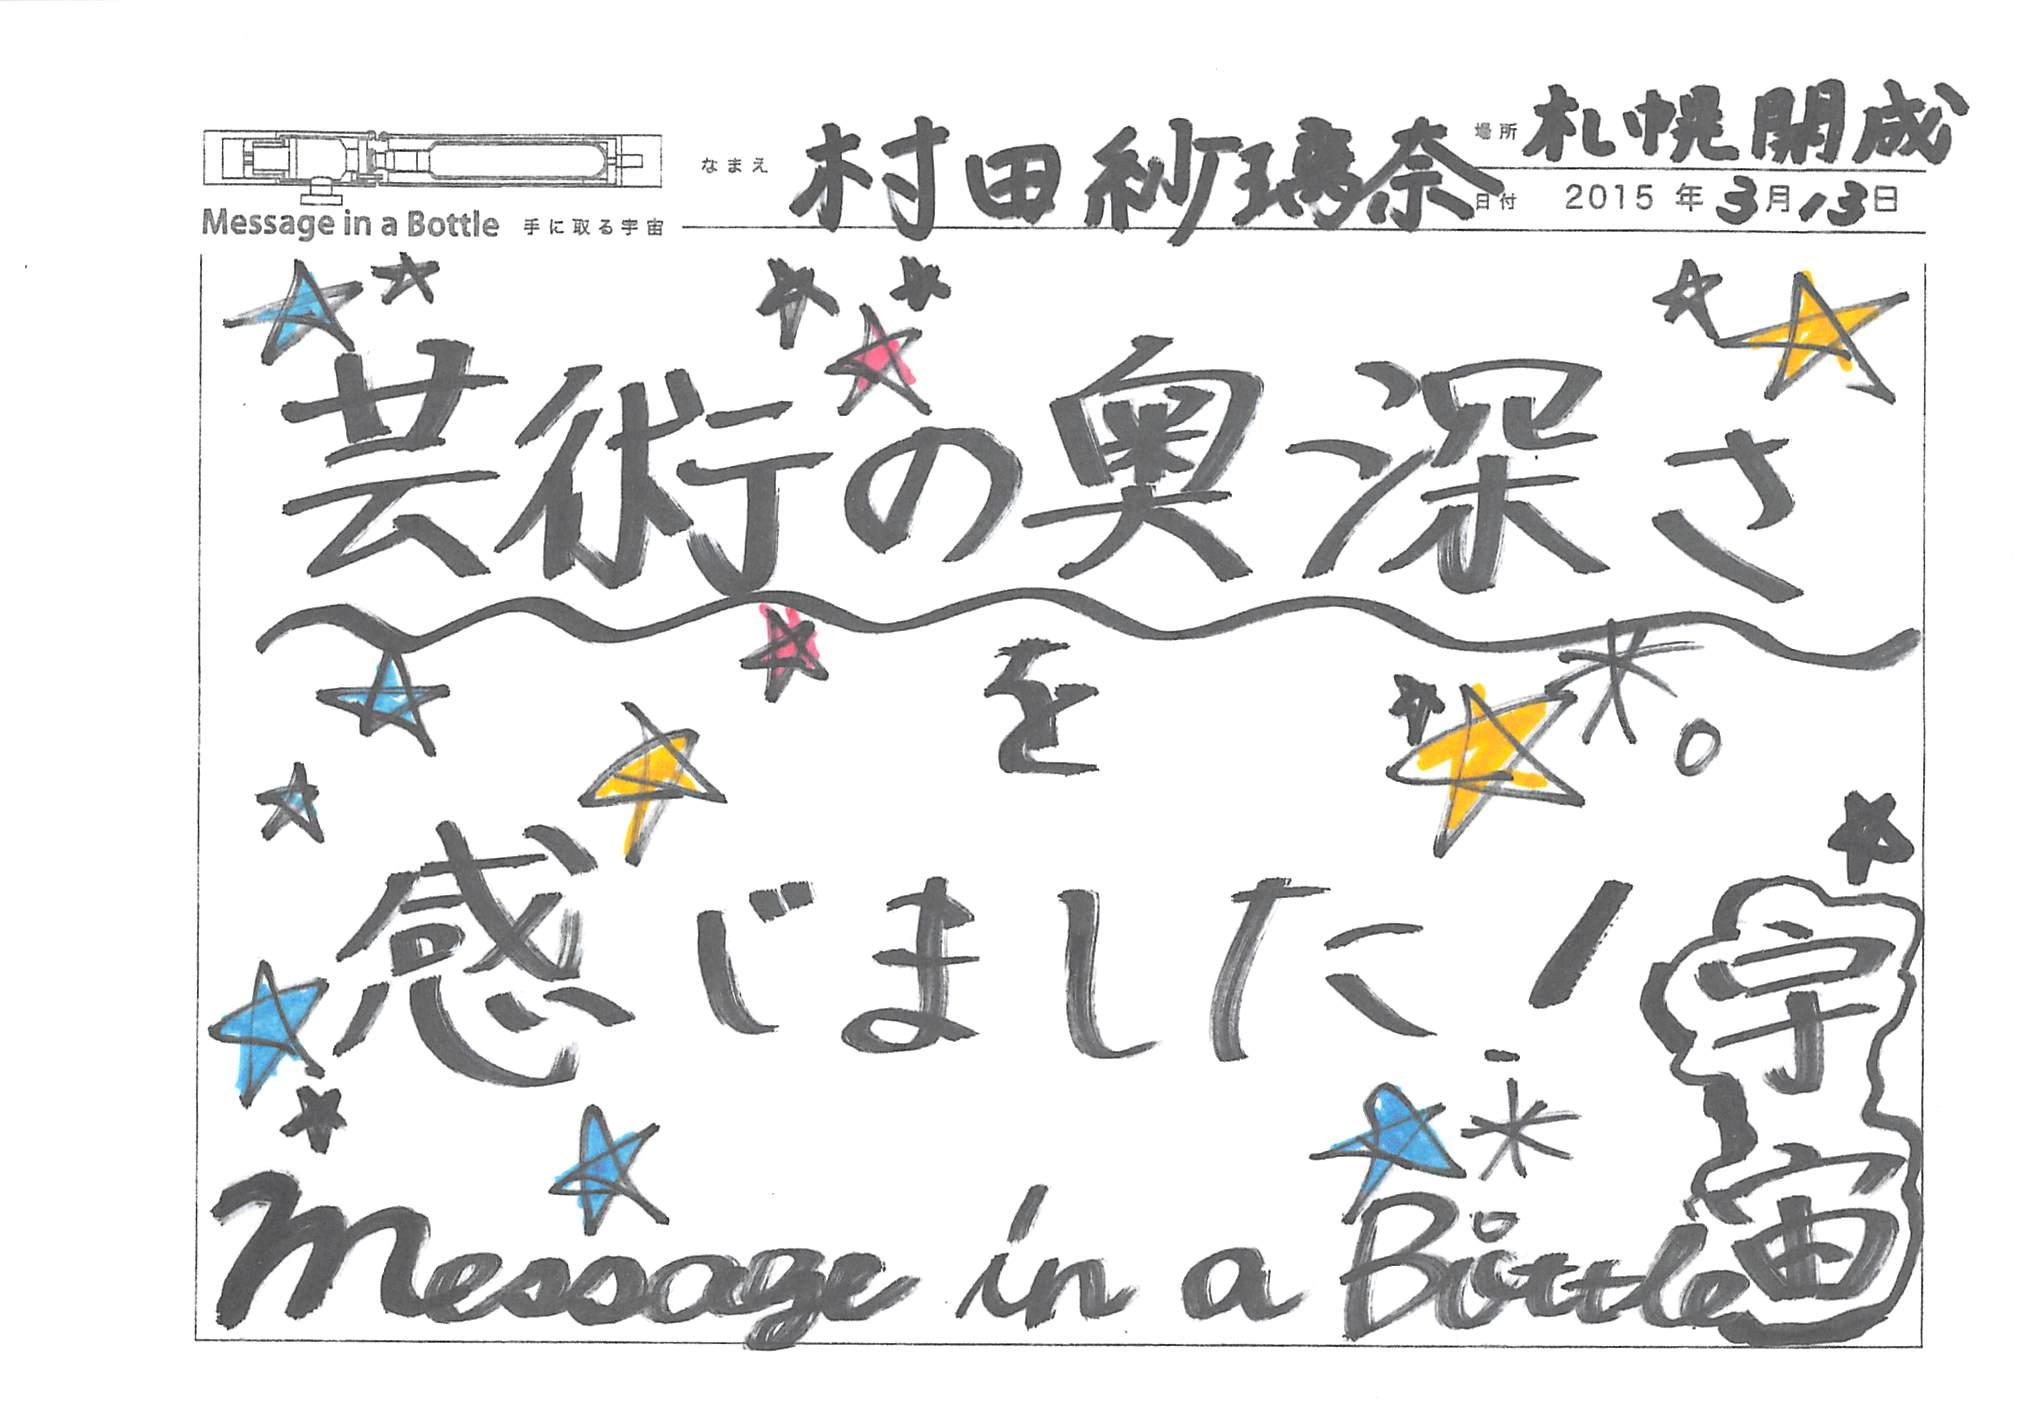 2015-04-09-21-16-28.jpg